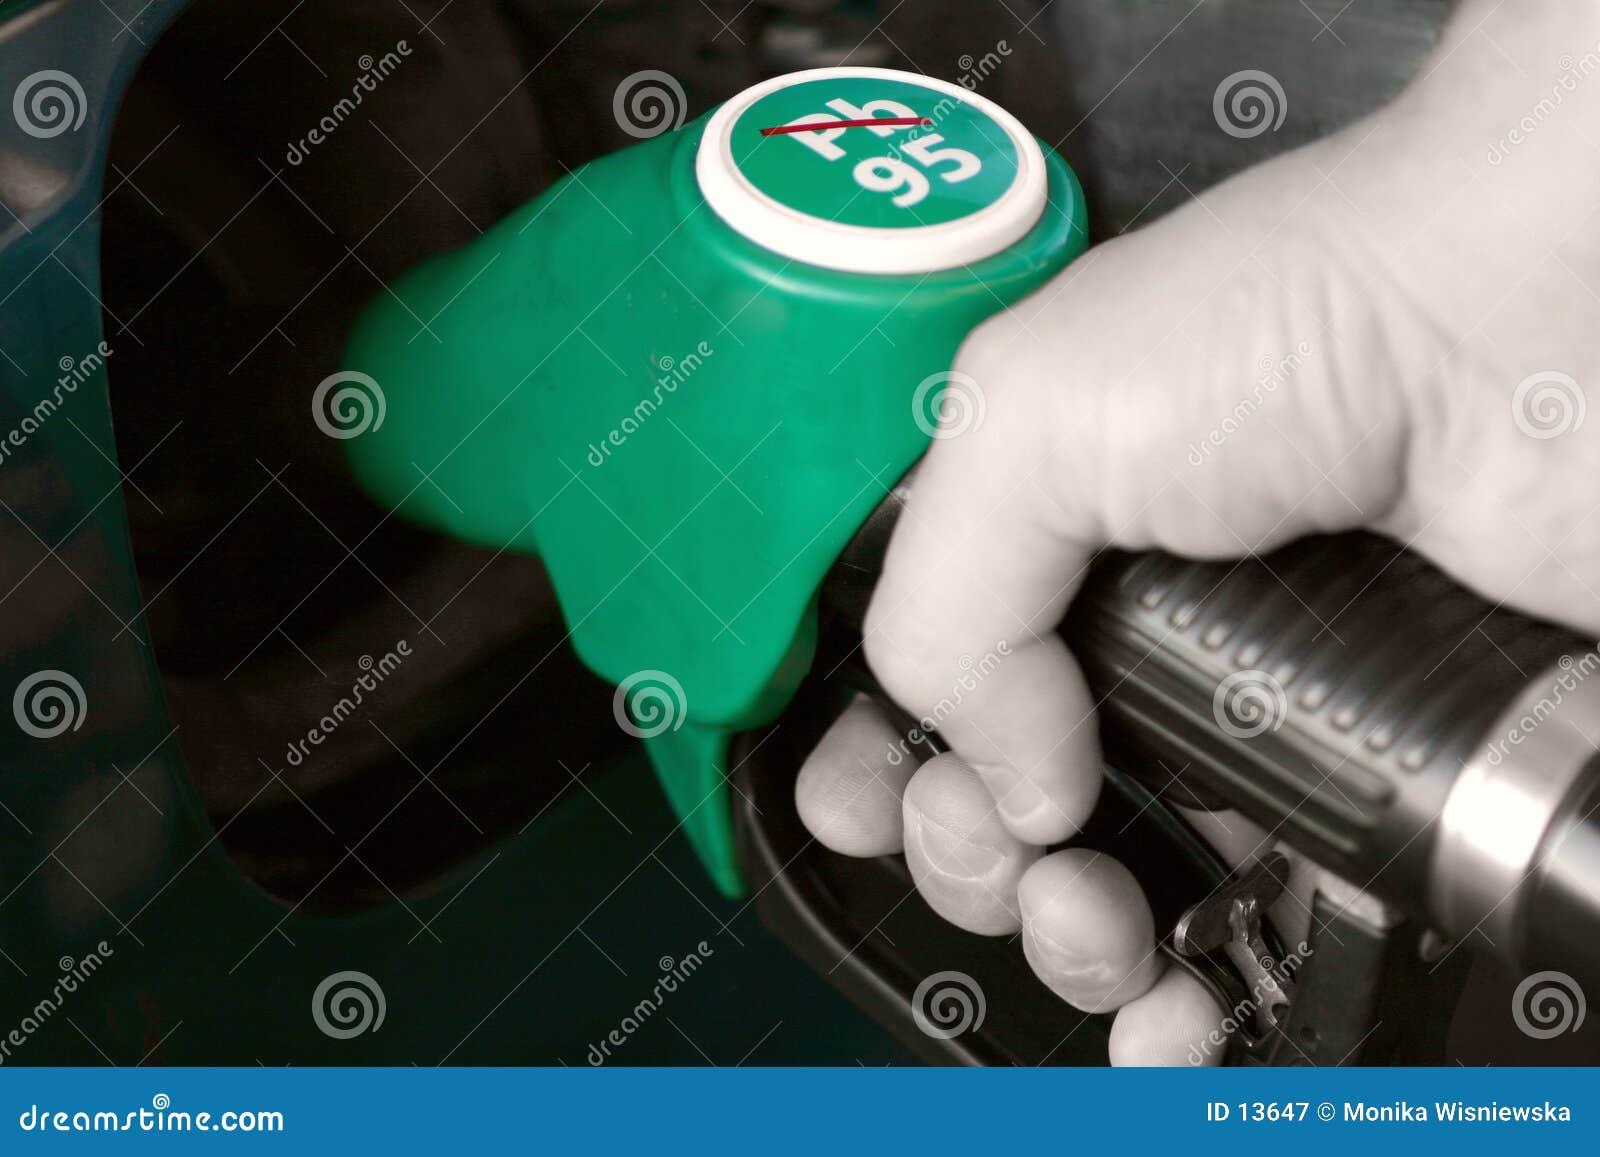 Ręce pompa paliwowa